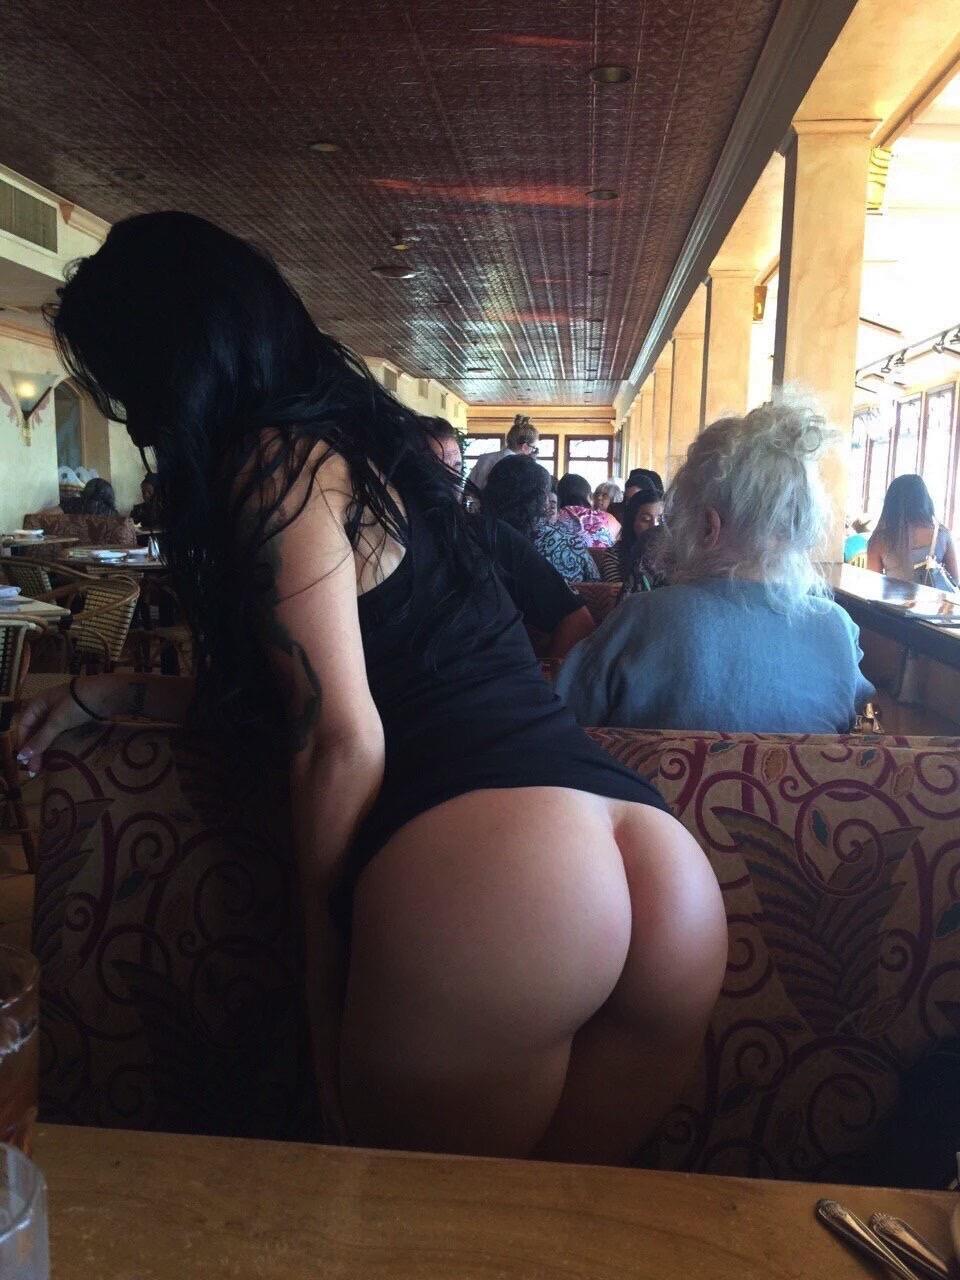 Weekly erotic picdump - 28/2017 - 41